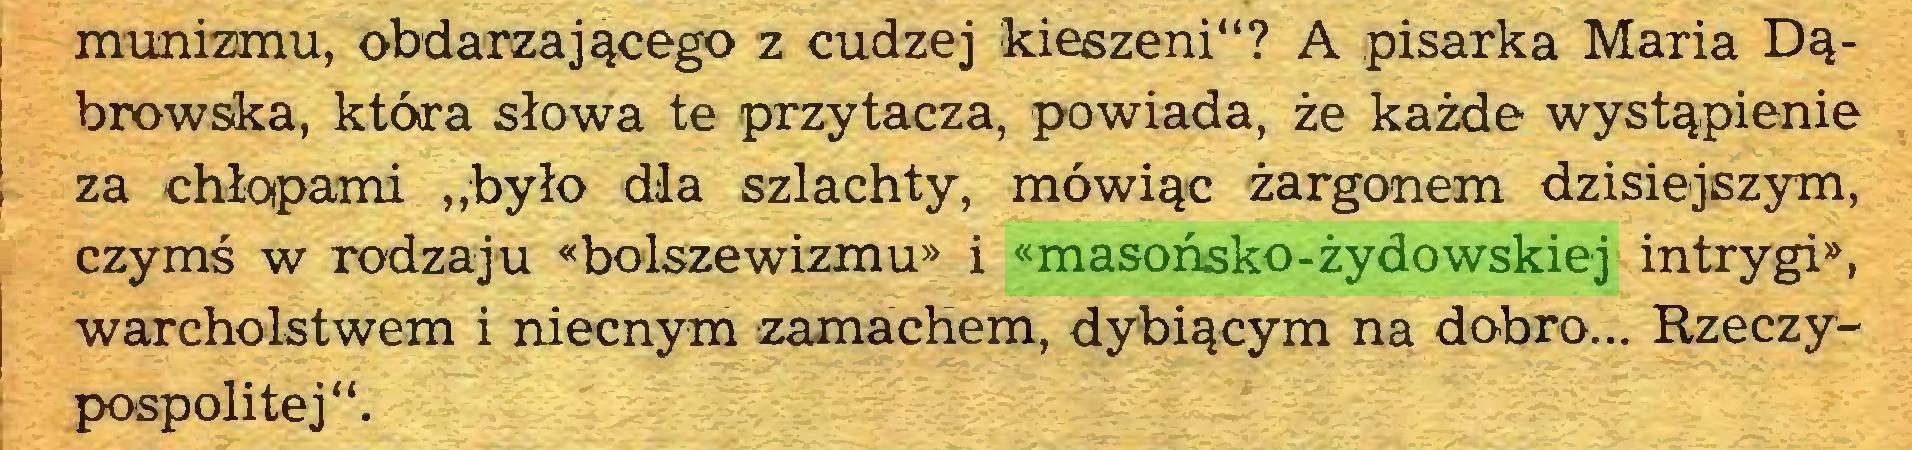 """(...) munizmu, obdarzającego z cudzej kieszeni""""? A pisarka Maria Dąbrowska, która słowa te przytacza, powiada, że każde wystąpienie ! za chłopami """"było dla szlachty, mówiąc żargonem dzisiejszym, czymś w rodzaju «bolszewizmu» i «masońsko-żydowskiej intrygi», warcholstwem i niecnym zamachem, dybiącym na dobro... Rzeczypospolitej""""..."""